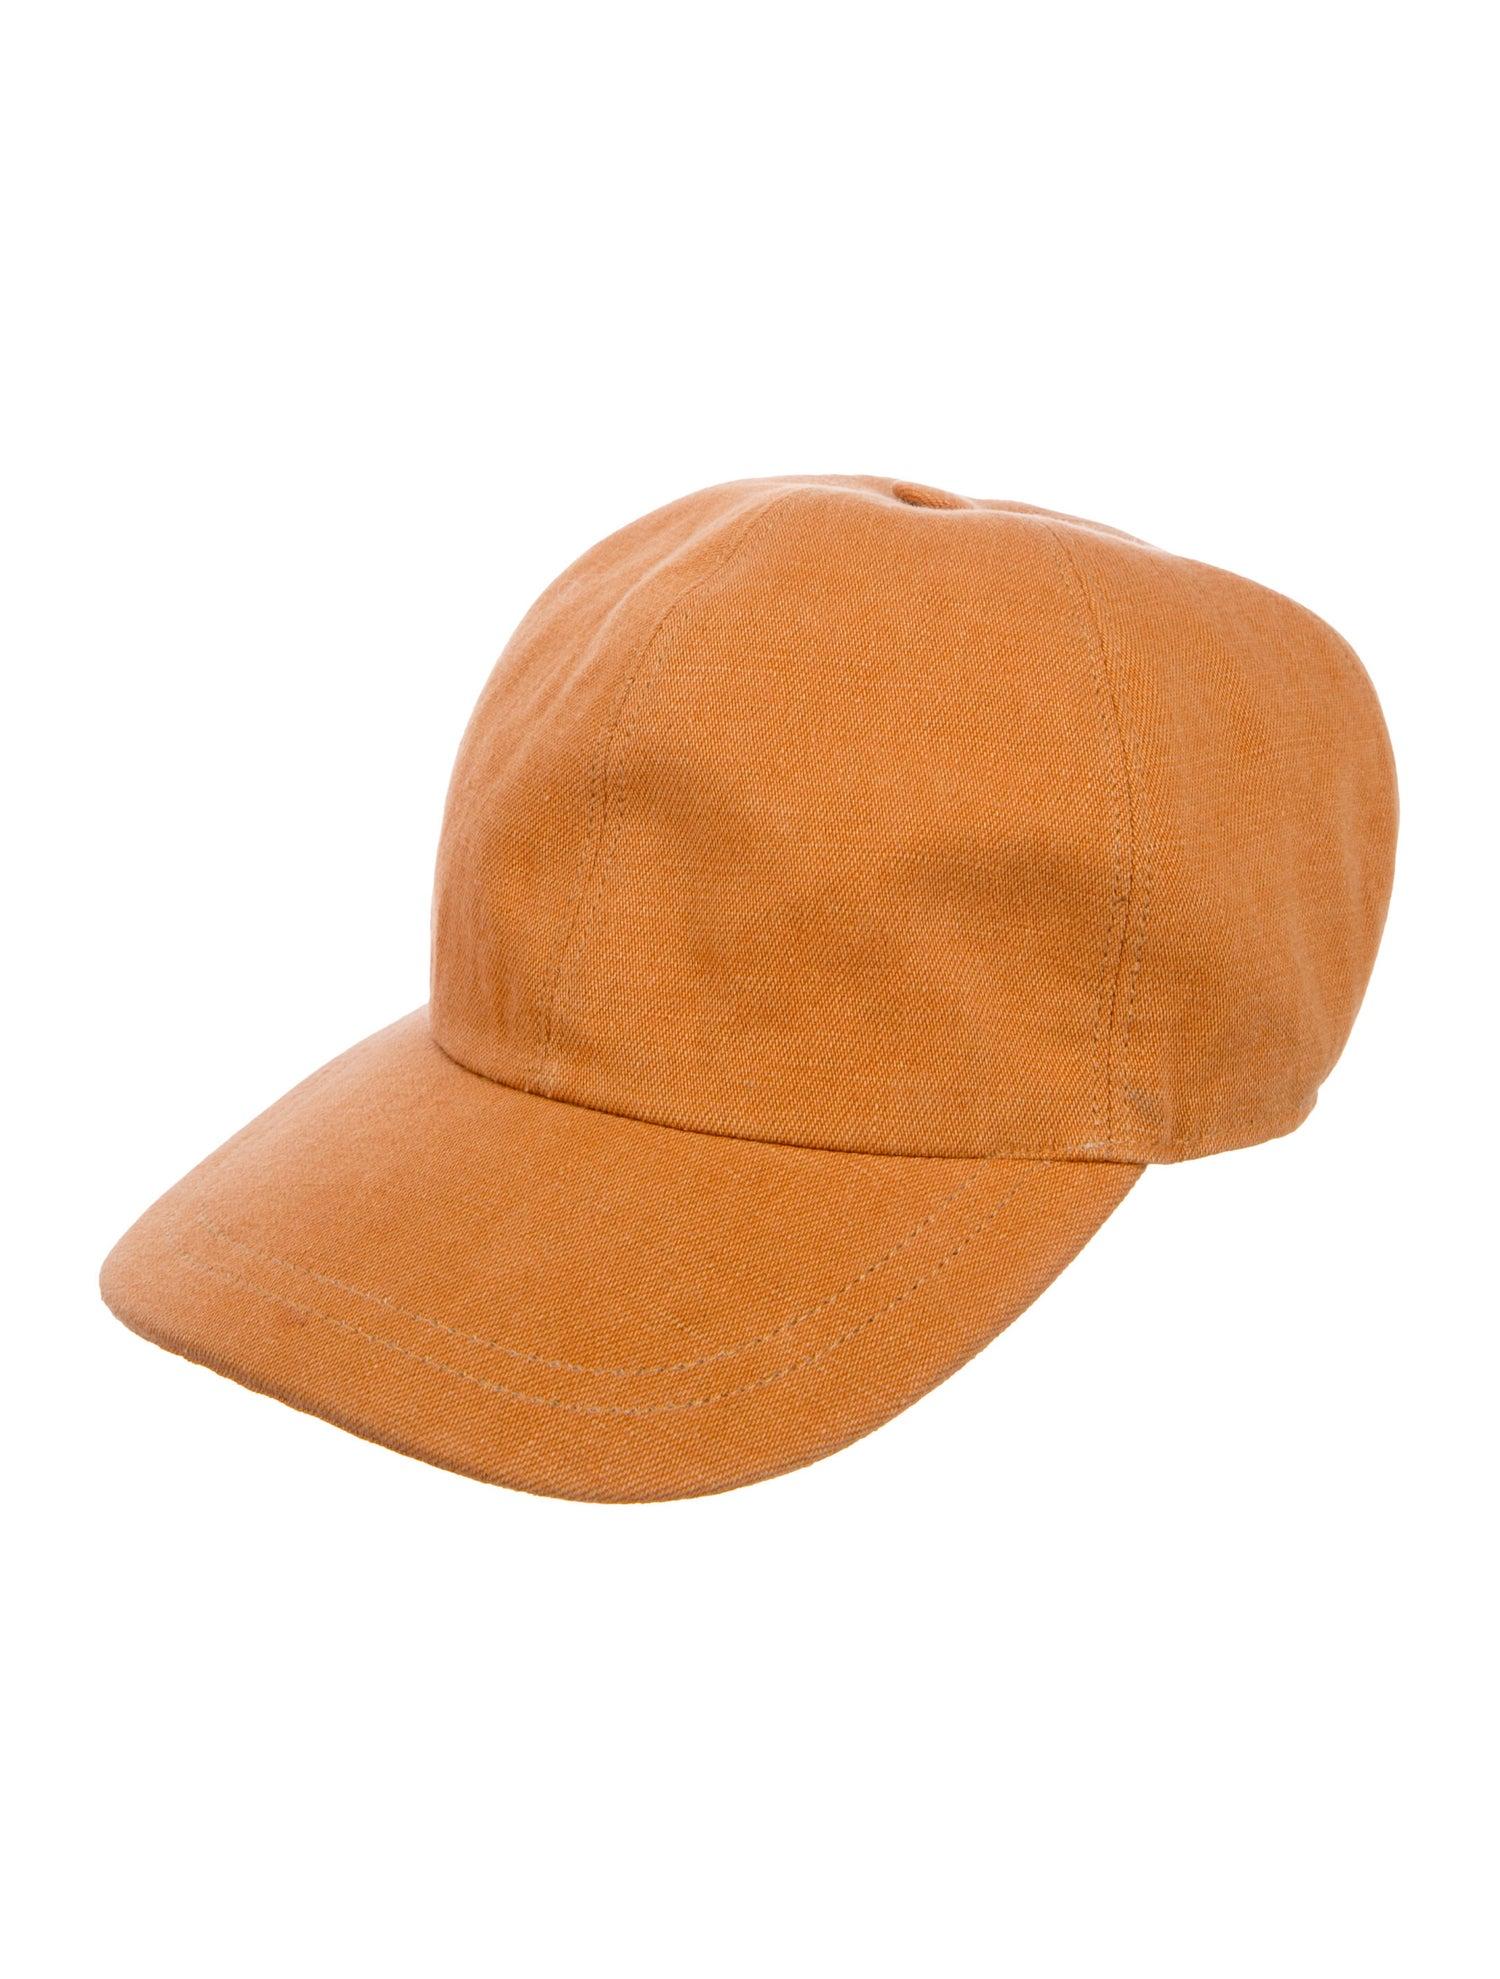 Canvas Baseball Cap - Kiton, $125